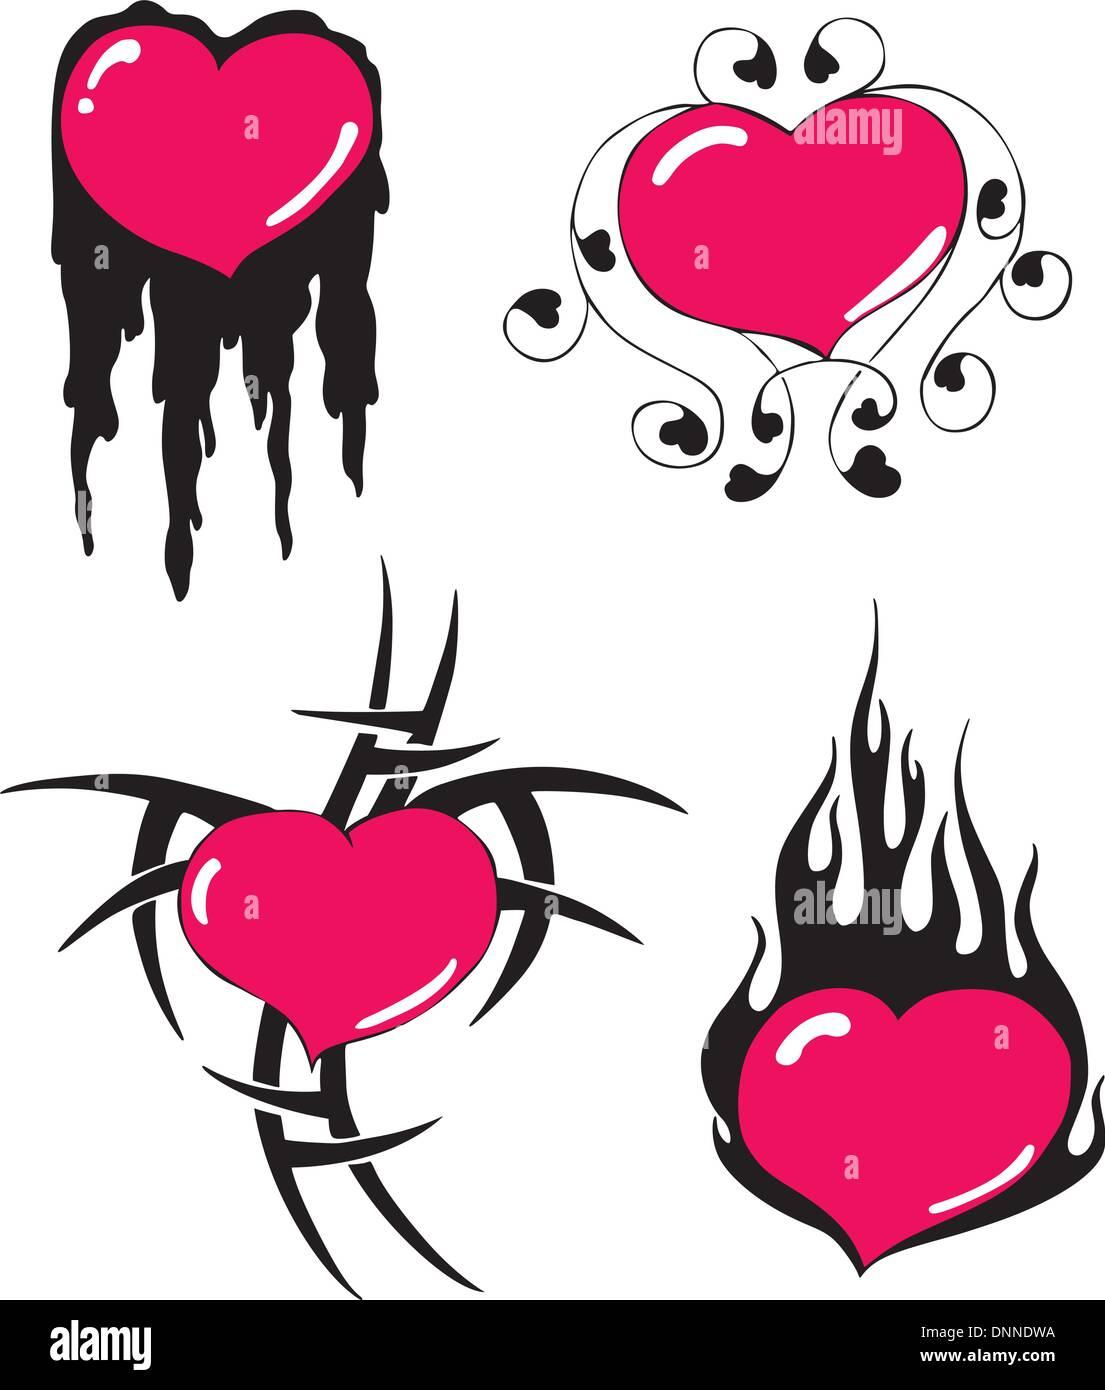 Coeur Simple designs. Série d'illustrations vectorielles noir et rouge. Photo Stock